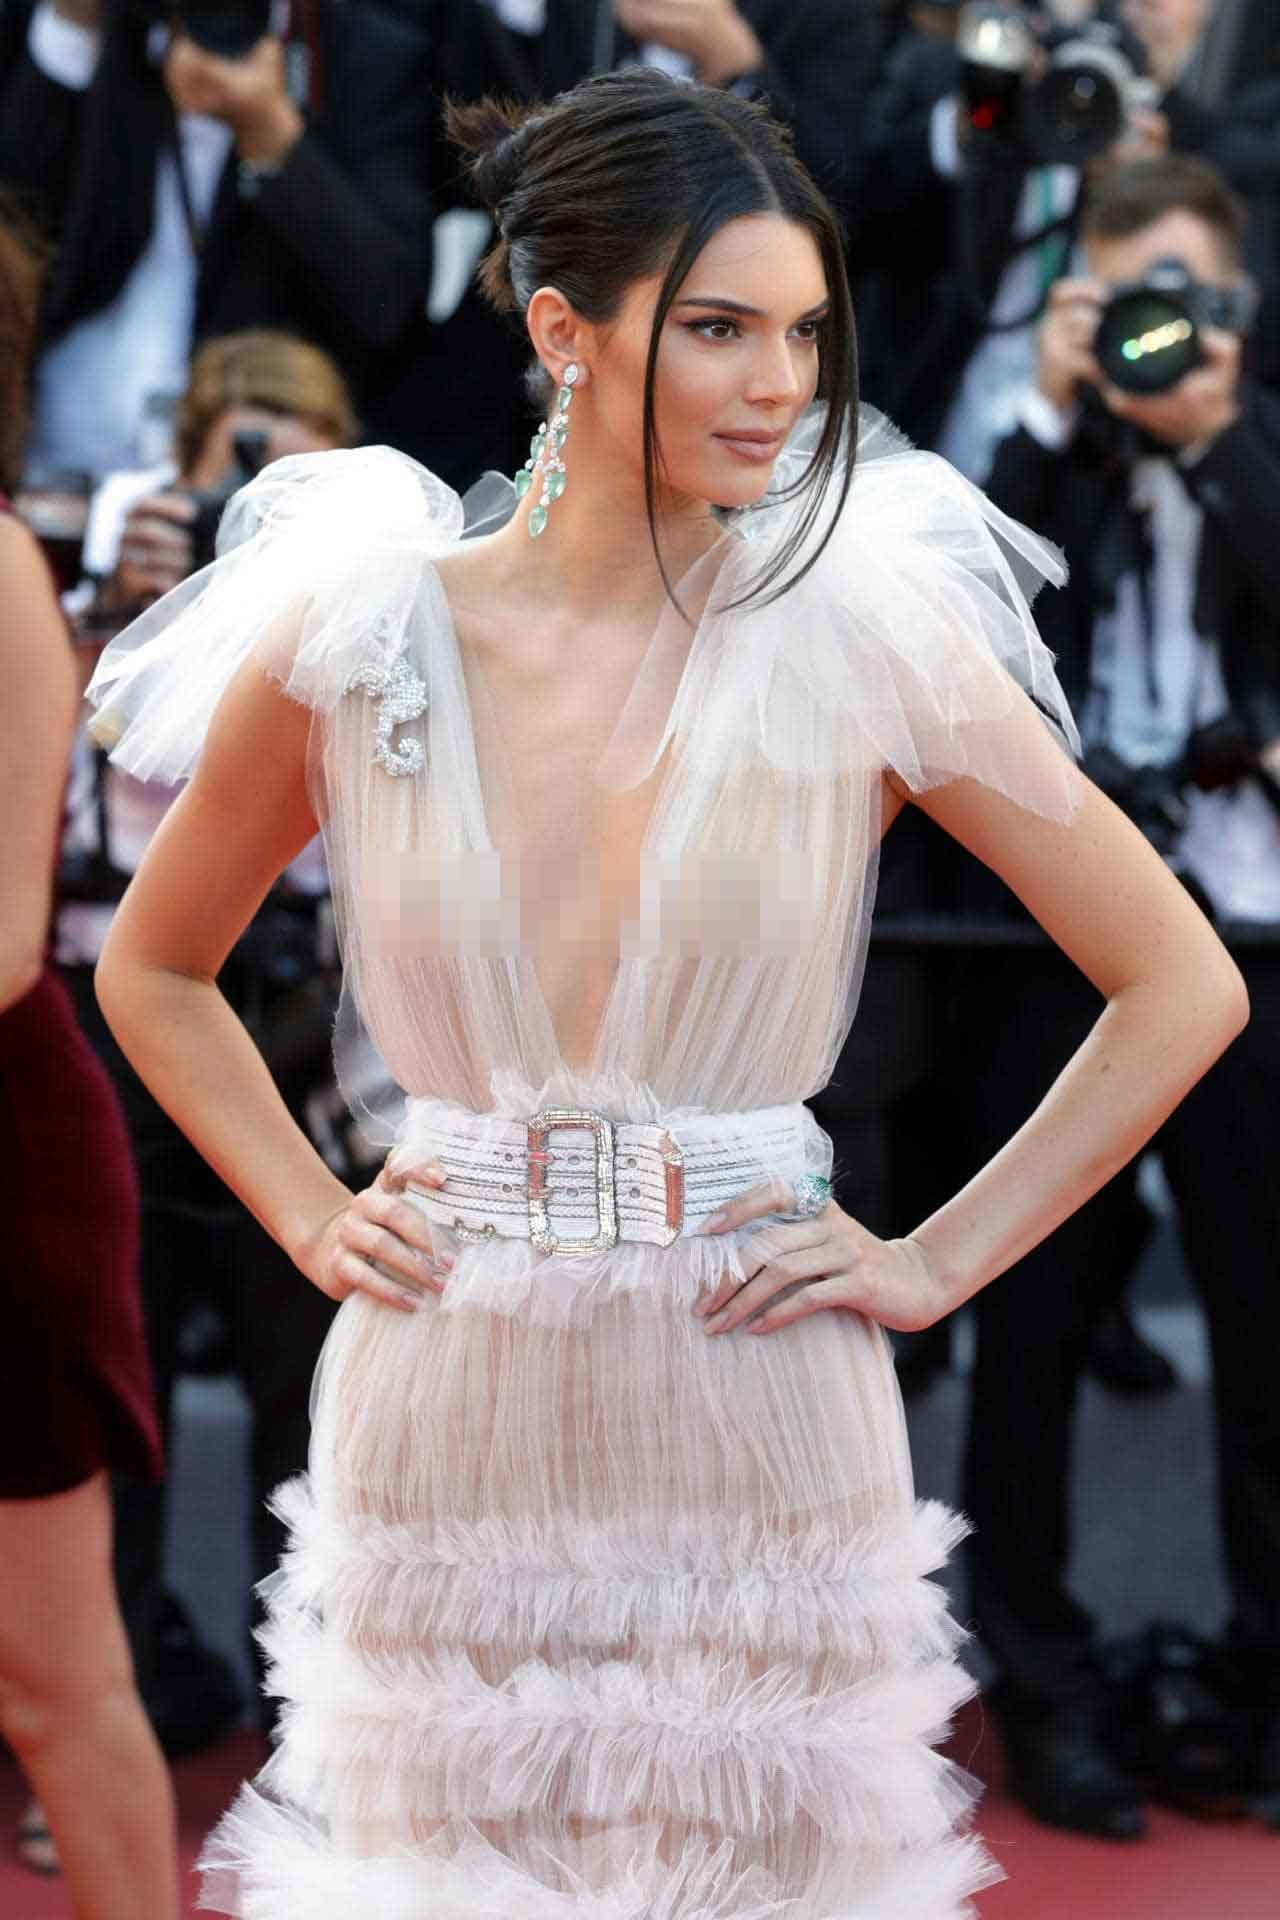 Nhiều người đẹp chuộng mốt xuyên thấu 'mặc như không' giống Ngọc Trinh